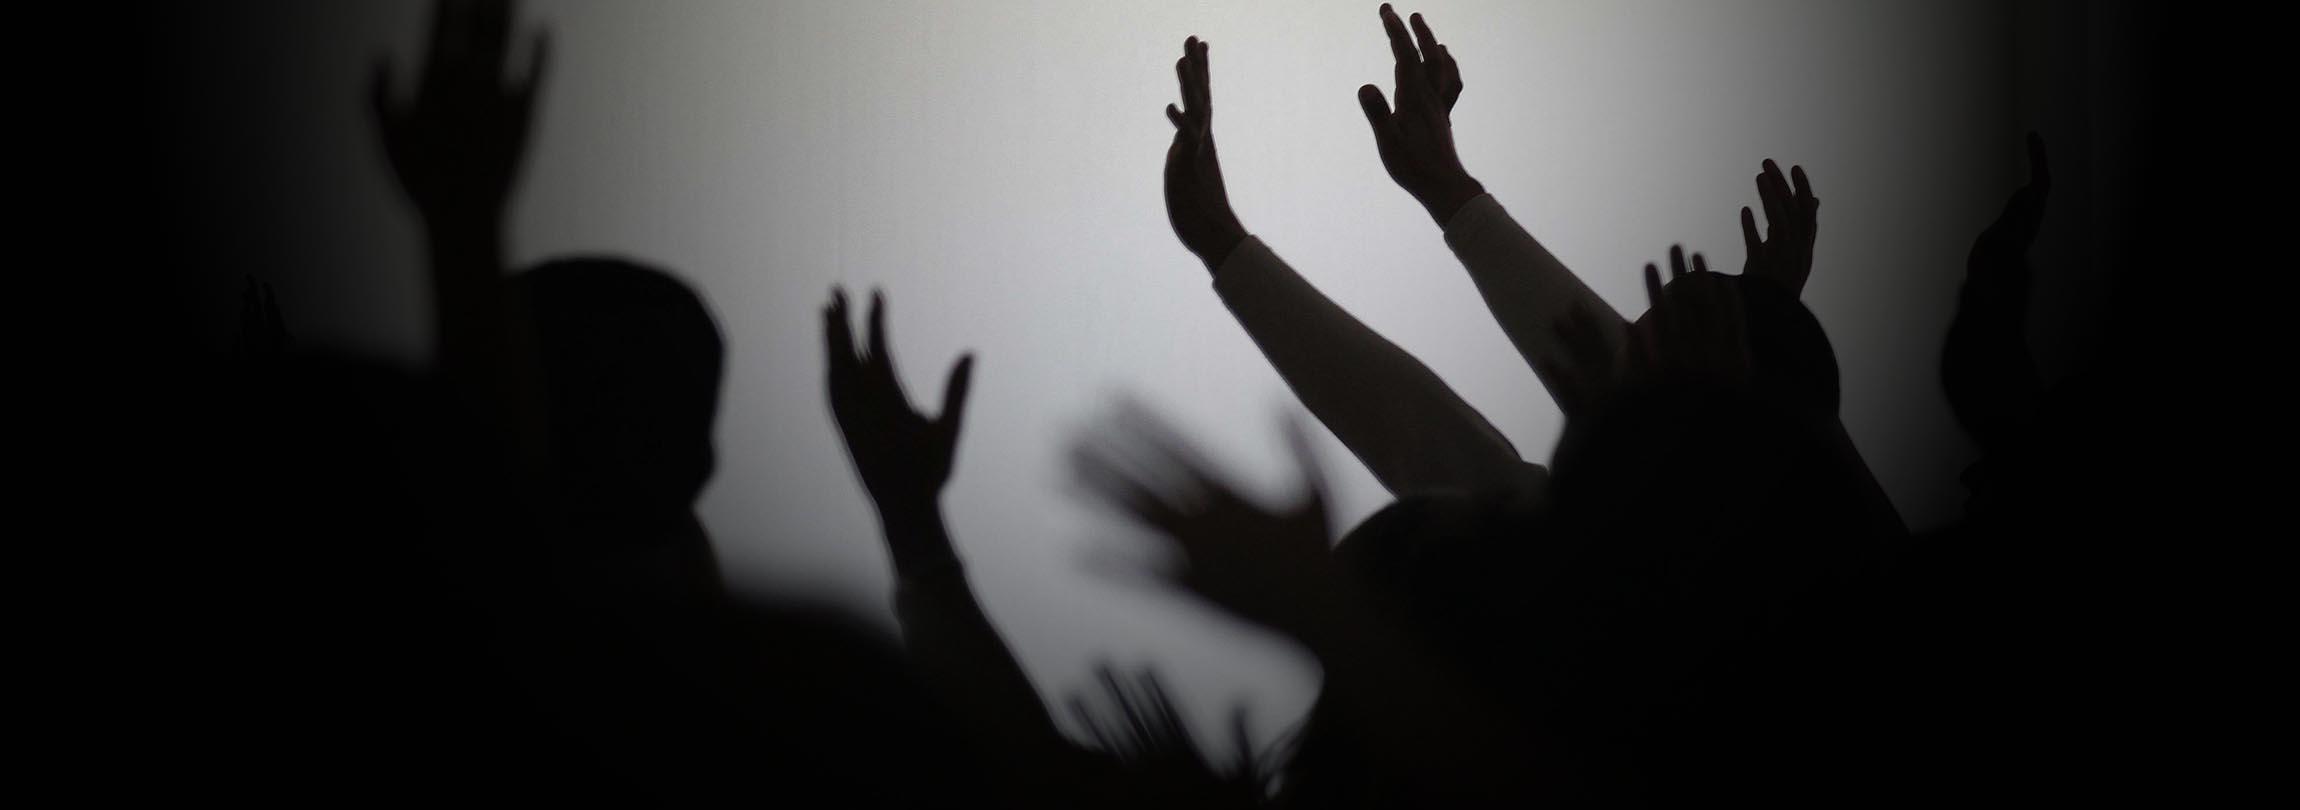 Almas perturbadas: Espiritualidade como um risco para a saúde mental